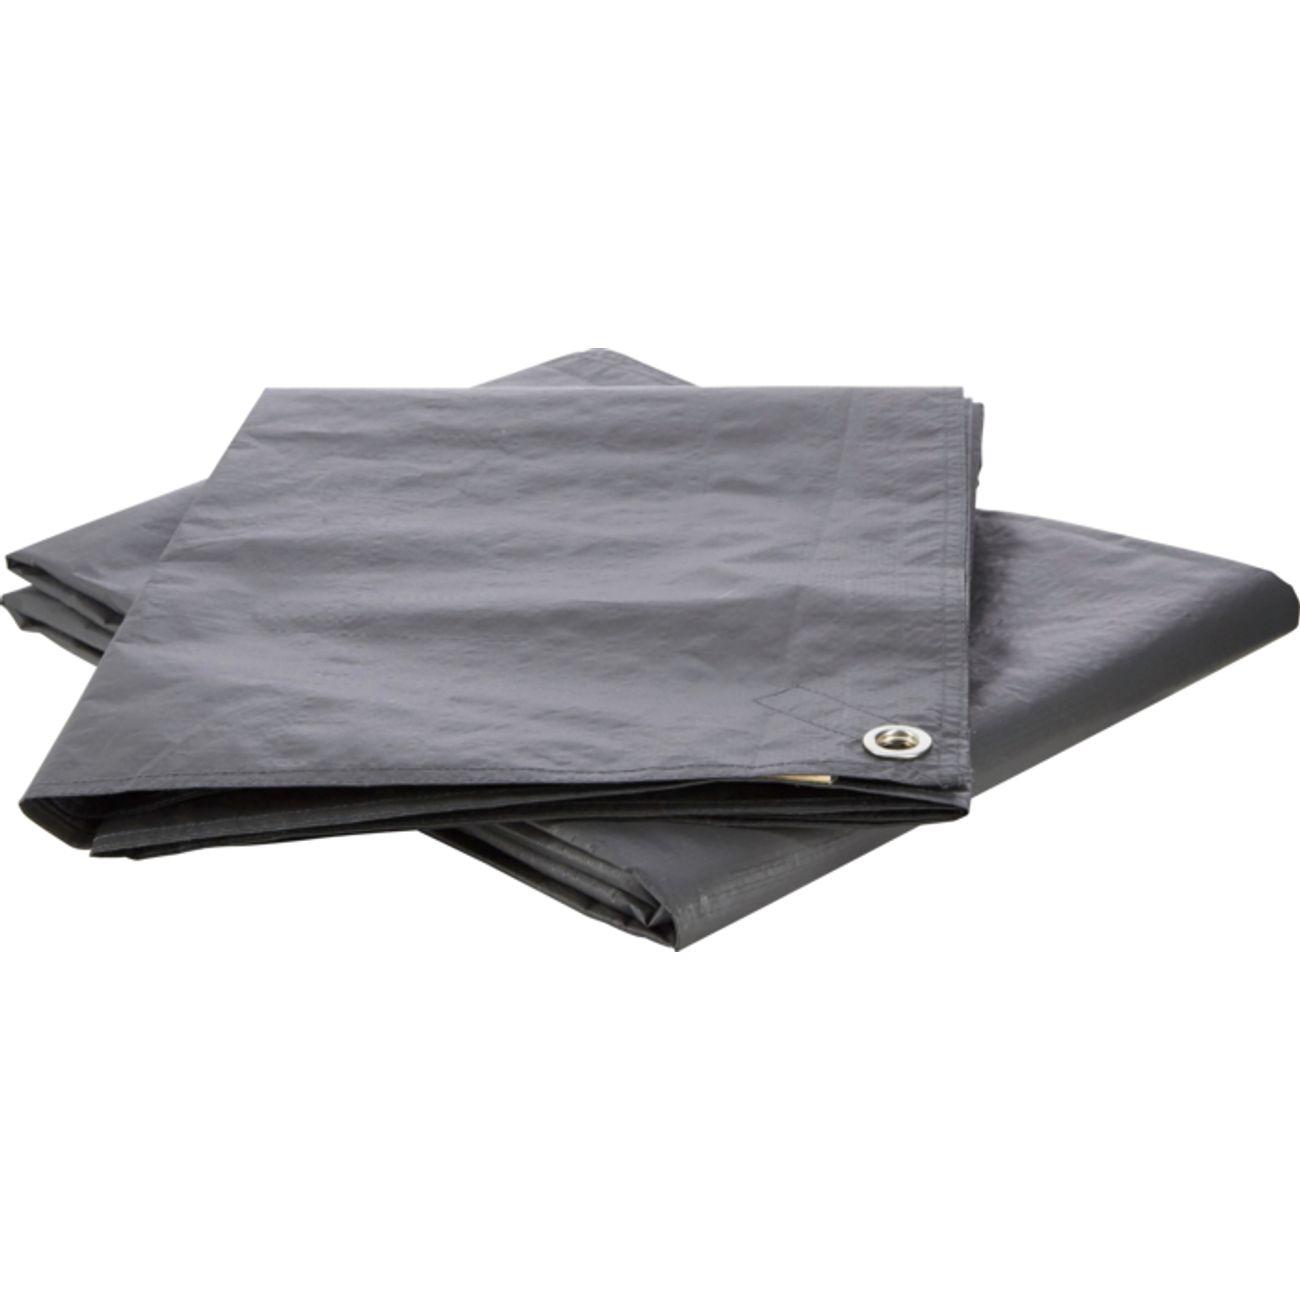 tapis de sol 2x2 5 achat et prix pas cher go sport. Black Bedroom Furniture Sets. Home Design Ideas